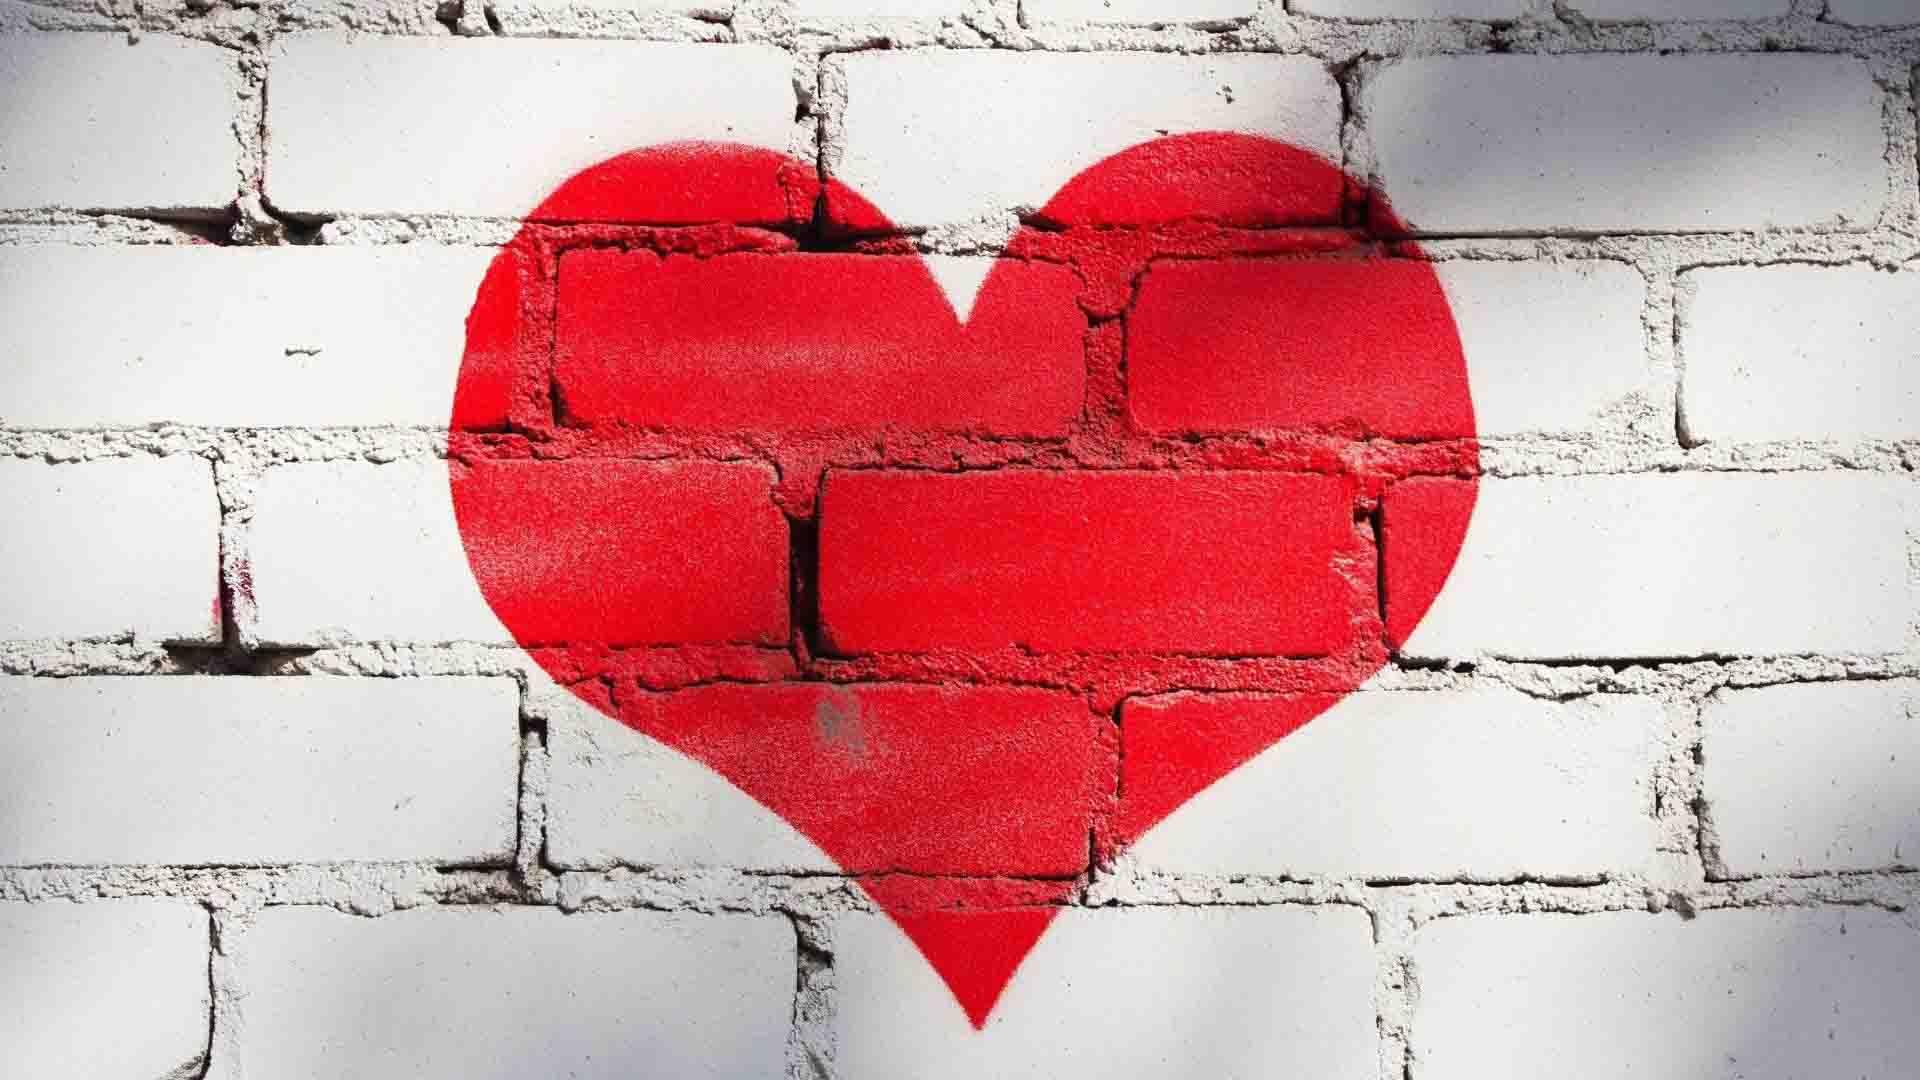 Hình ảnh bức tường trái tim